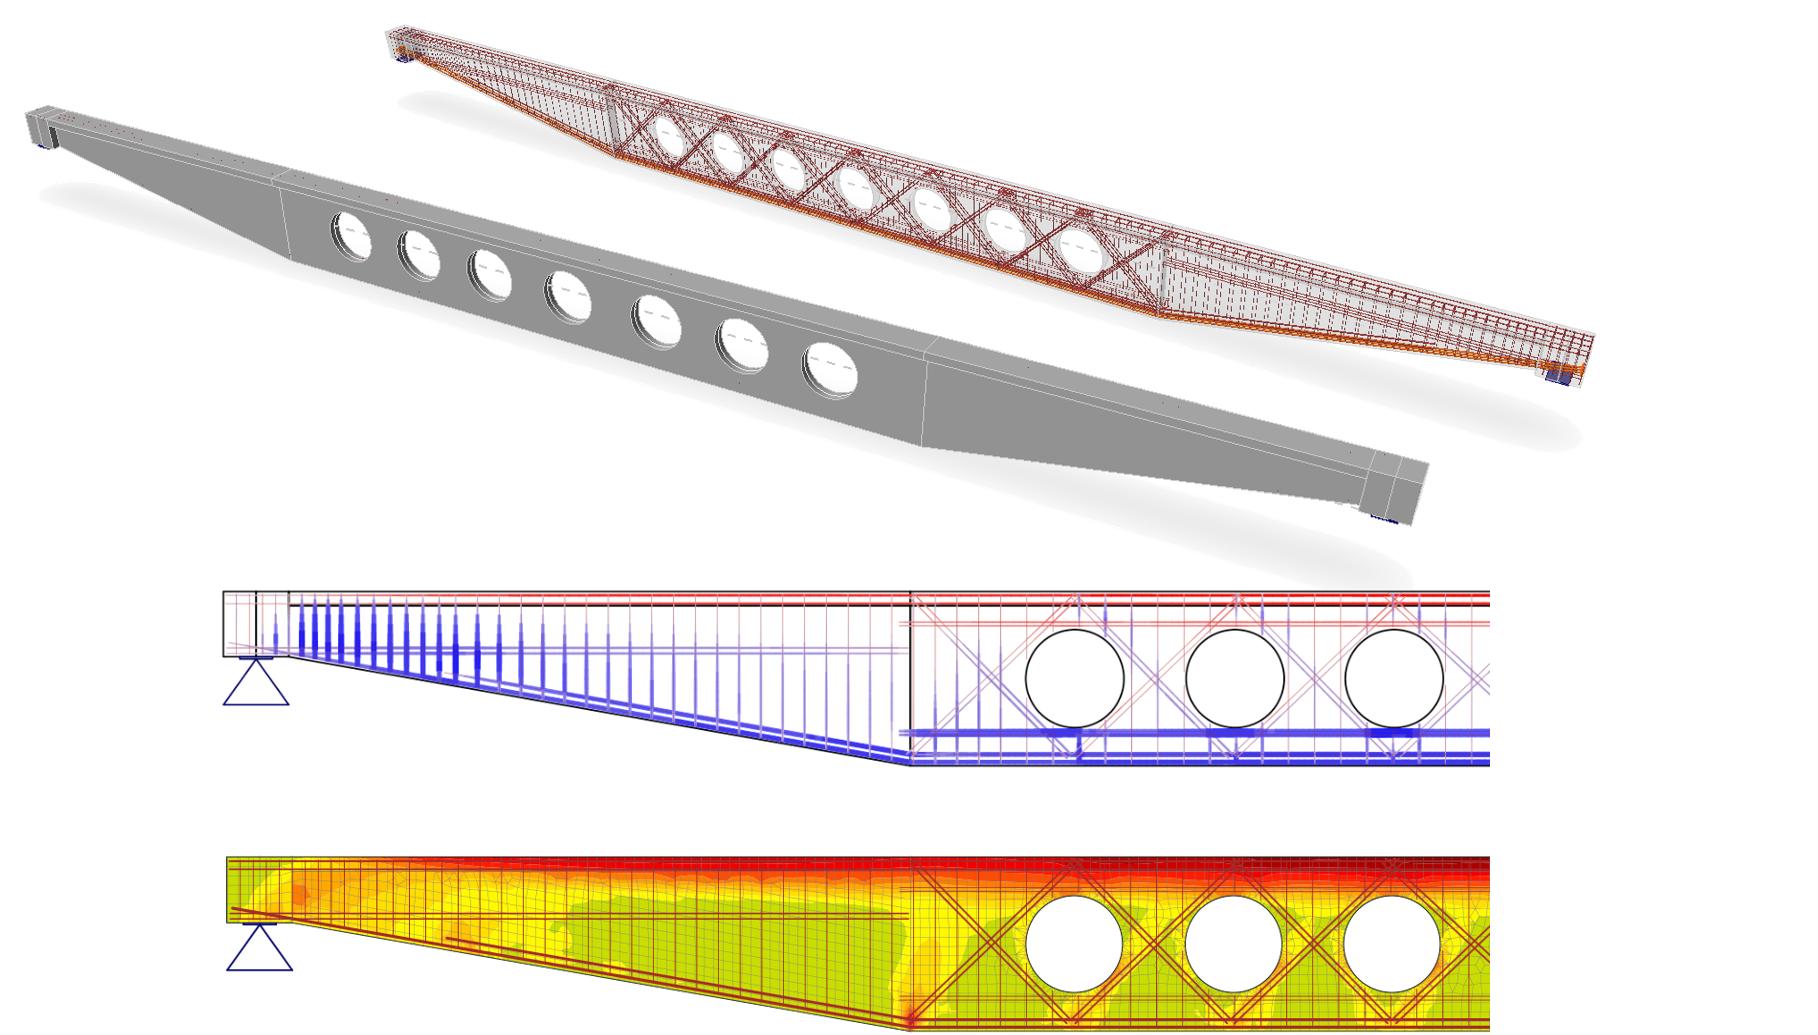 IDEA StatiCa Concrete Member liggers met uitsparingen openingen strut and tie methode